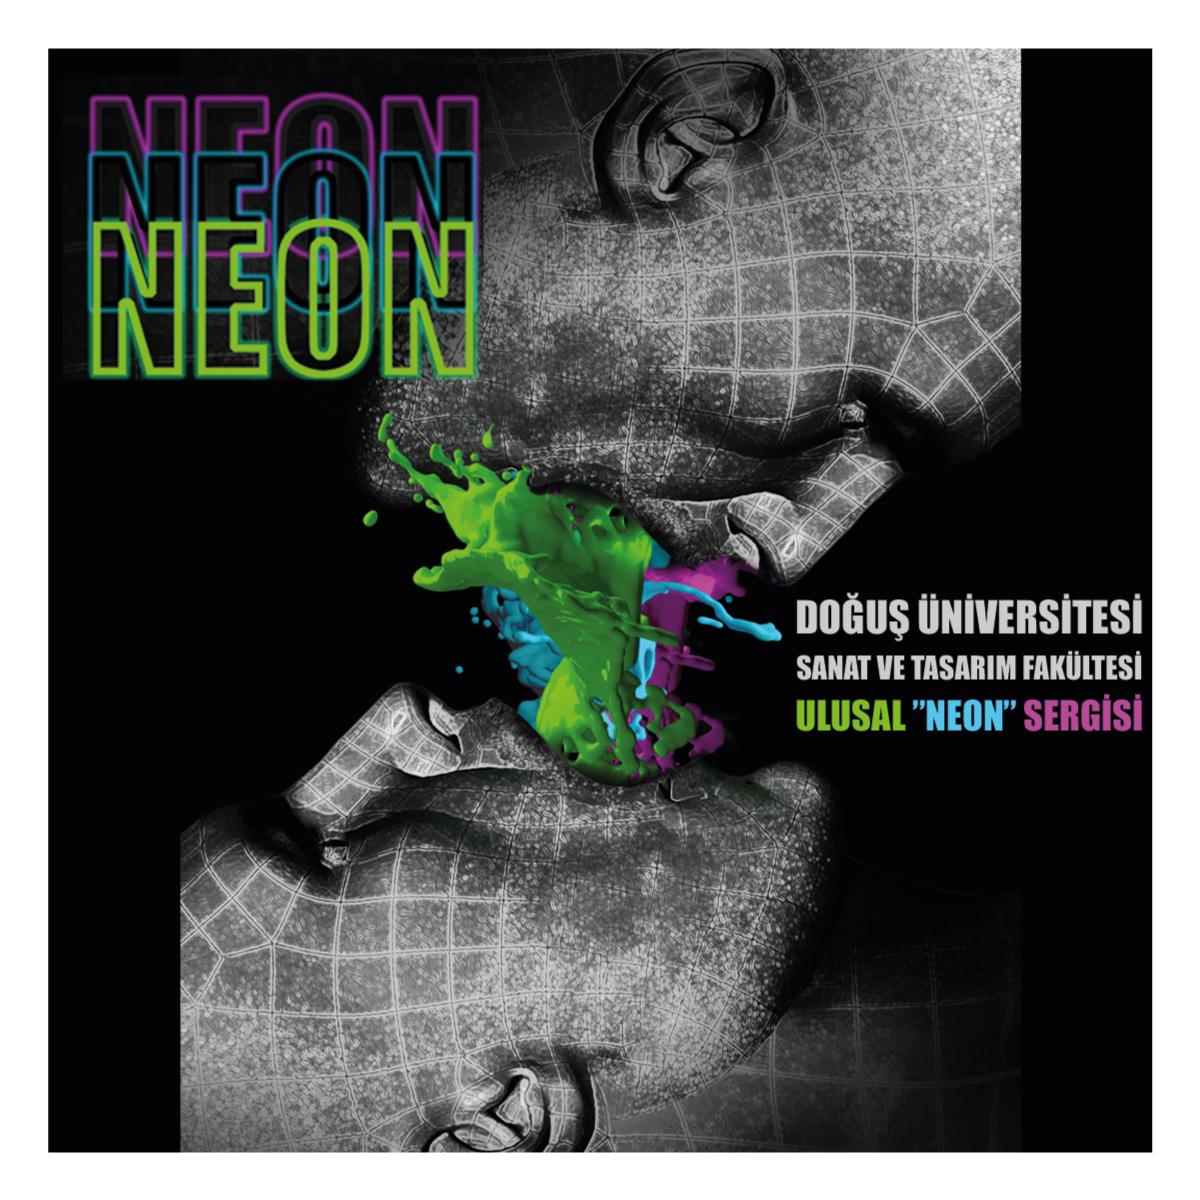 sanat-ve-tasarim-fakultesi-ulusal-neon-sergisi